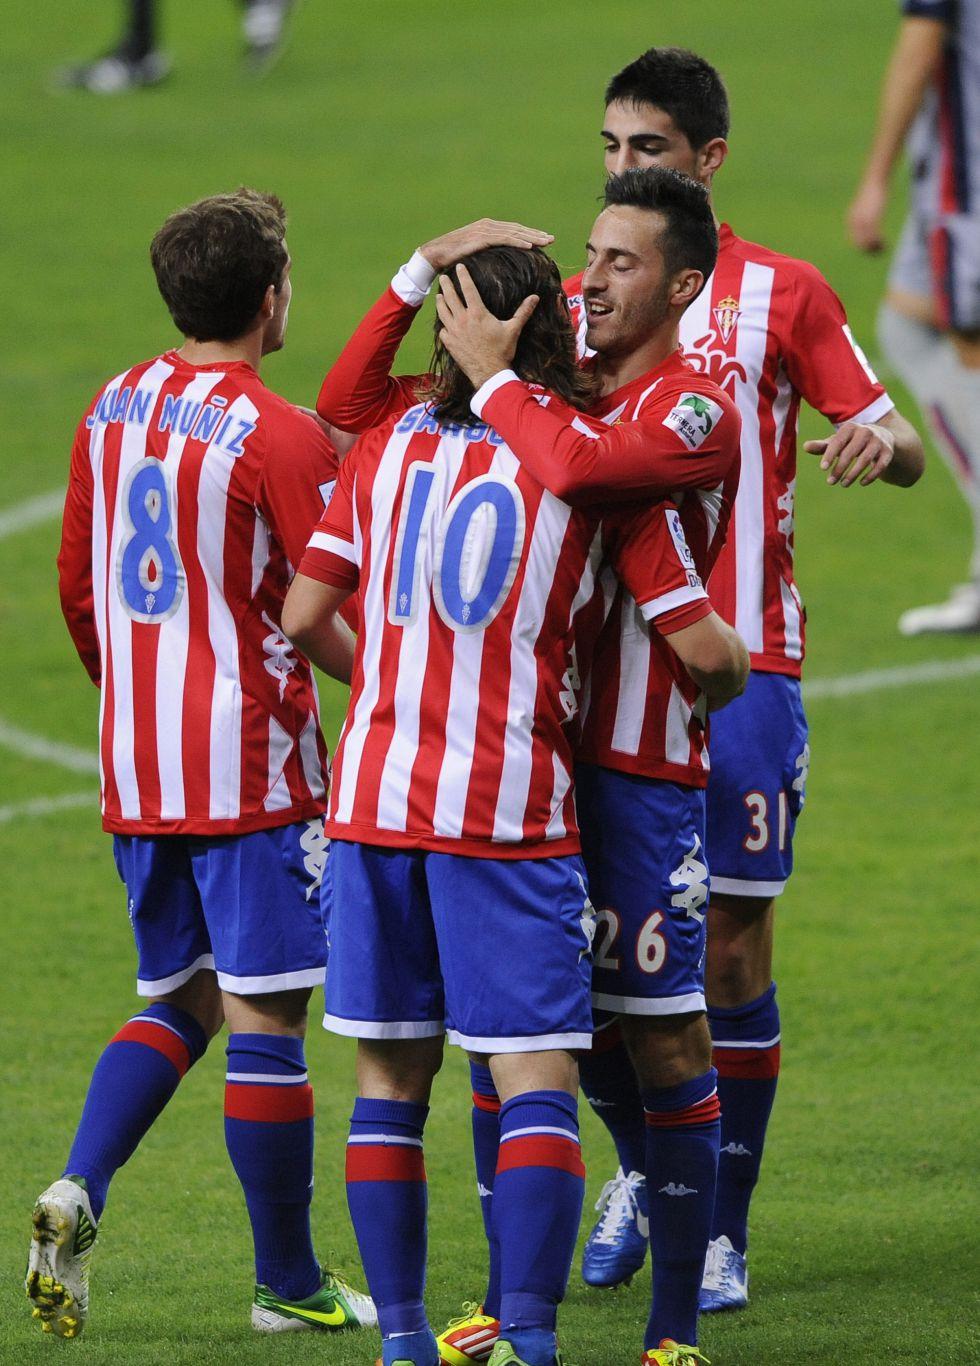 El Sporting de Gijón saca ventaja con un ojo puesto en la Liga